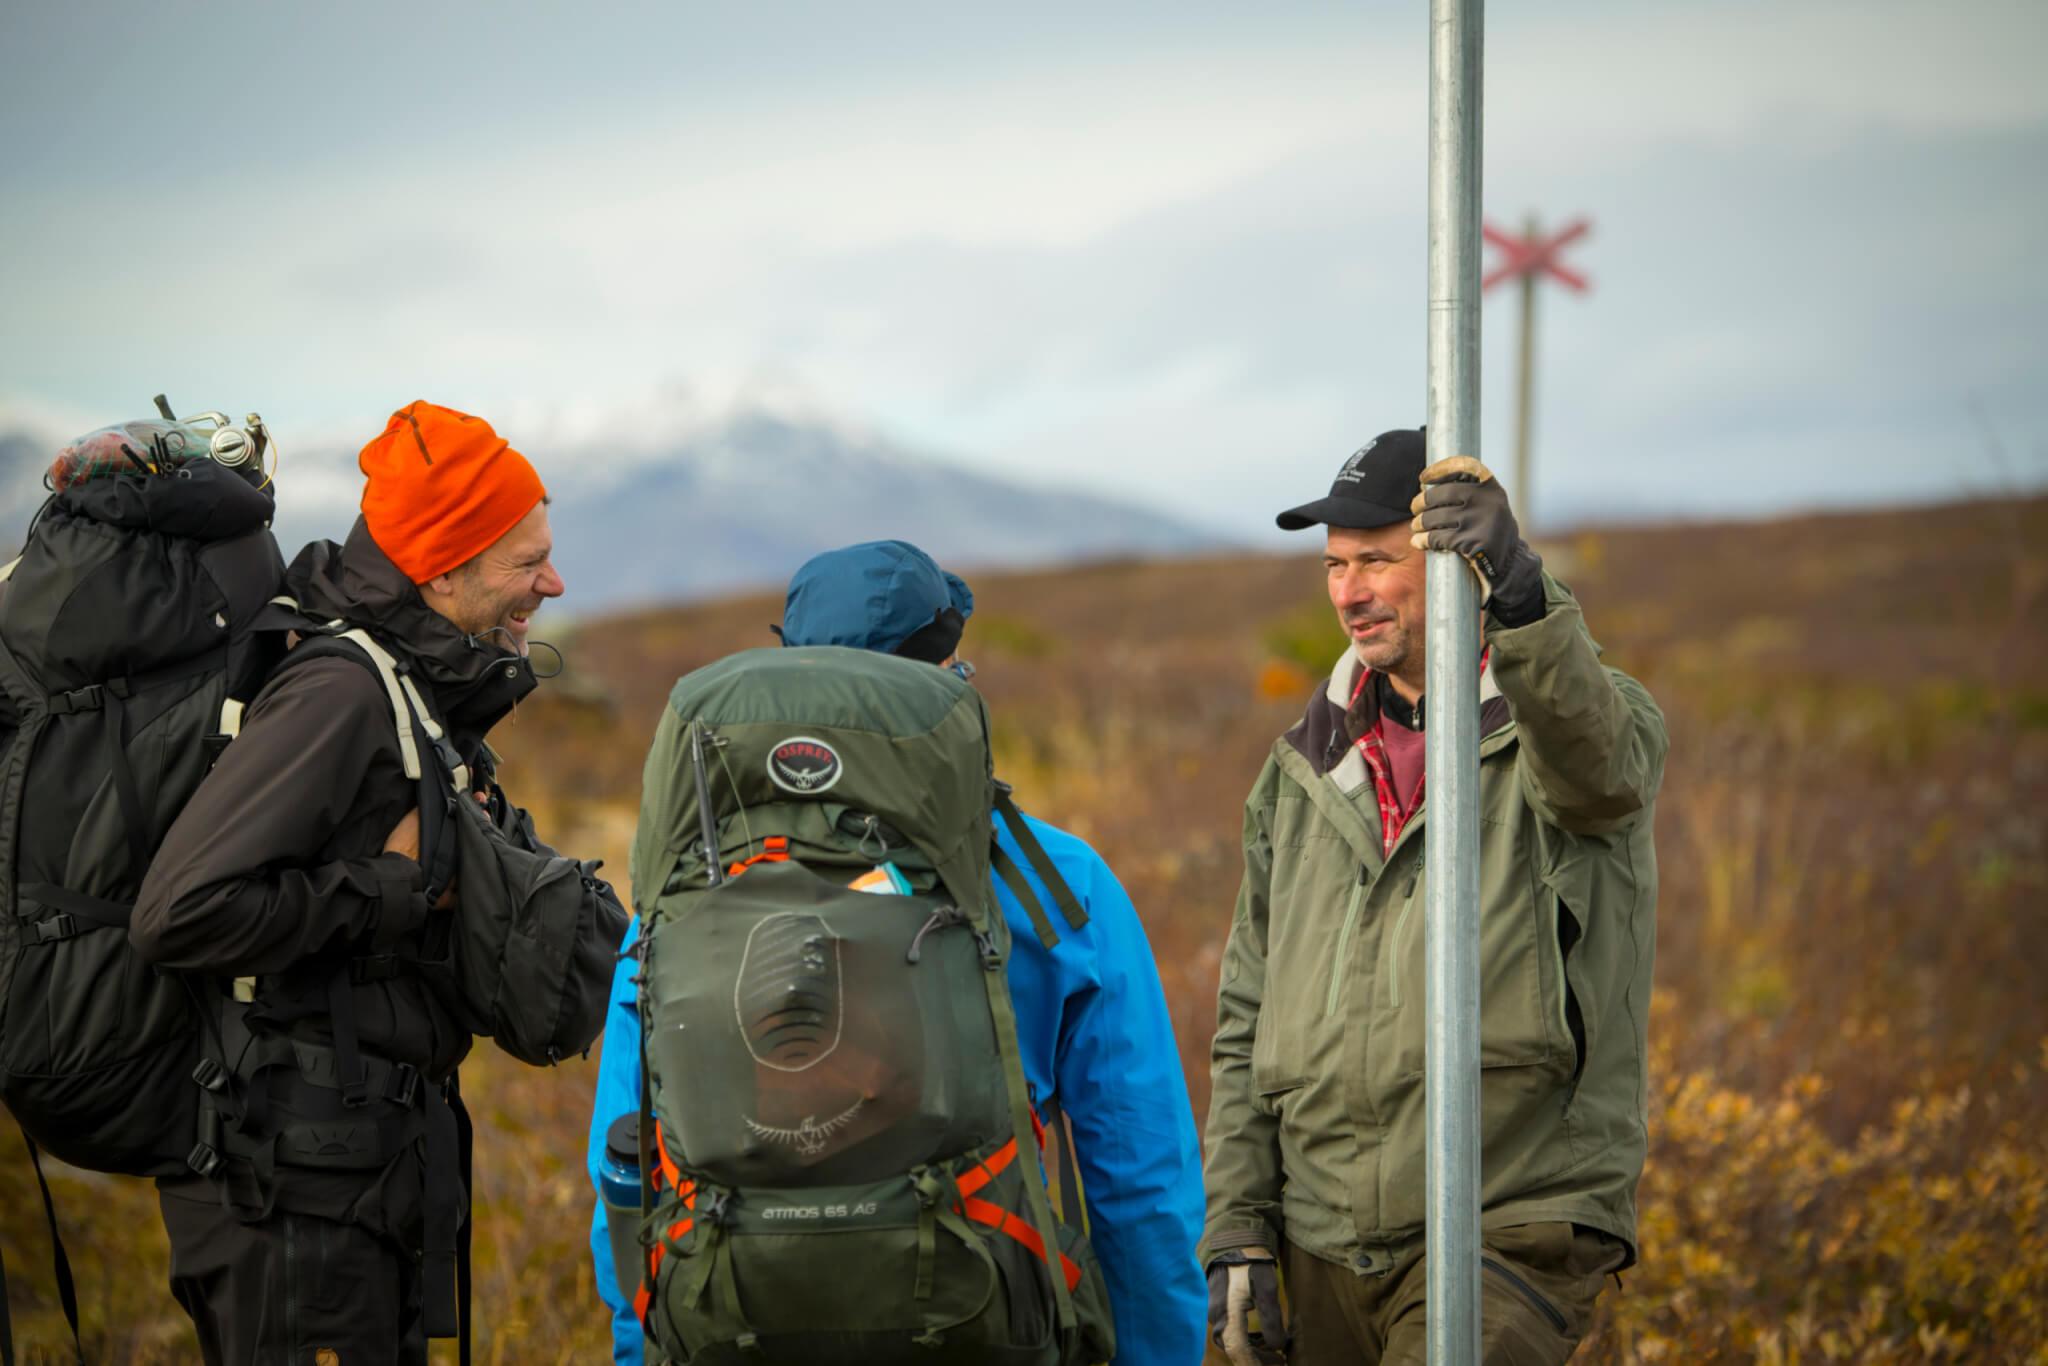 Två vandrare som står vid ett ledkryss och pratar med en naturbevakare. Naturbevakaren ler mot vandrarna.